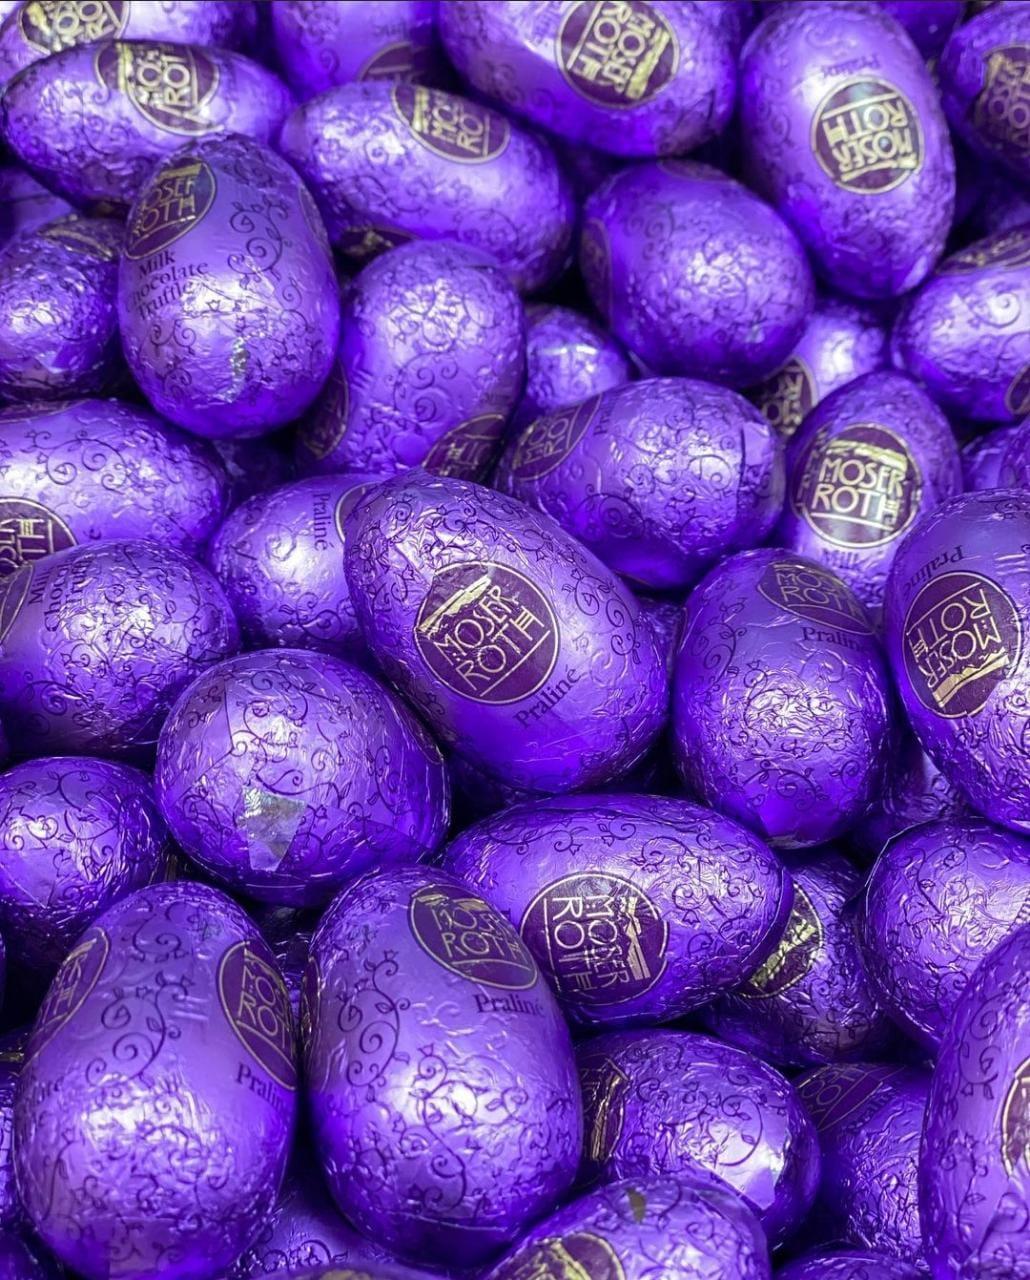 Яйцо шоколадное Мозер Рот Moser Roth с начинкой Praline ореховый крем (Фиолетовые) 1 кг